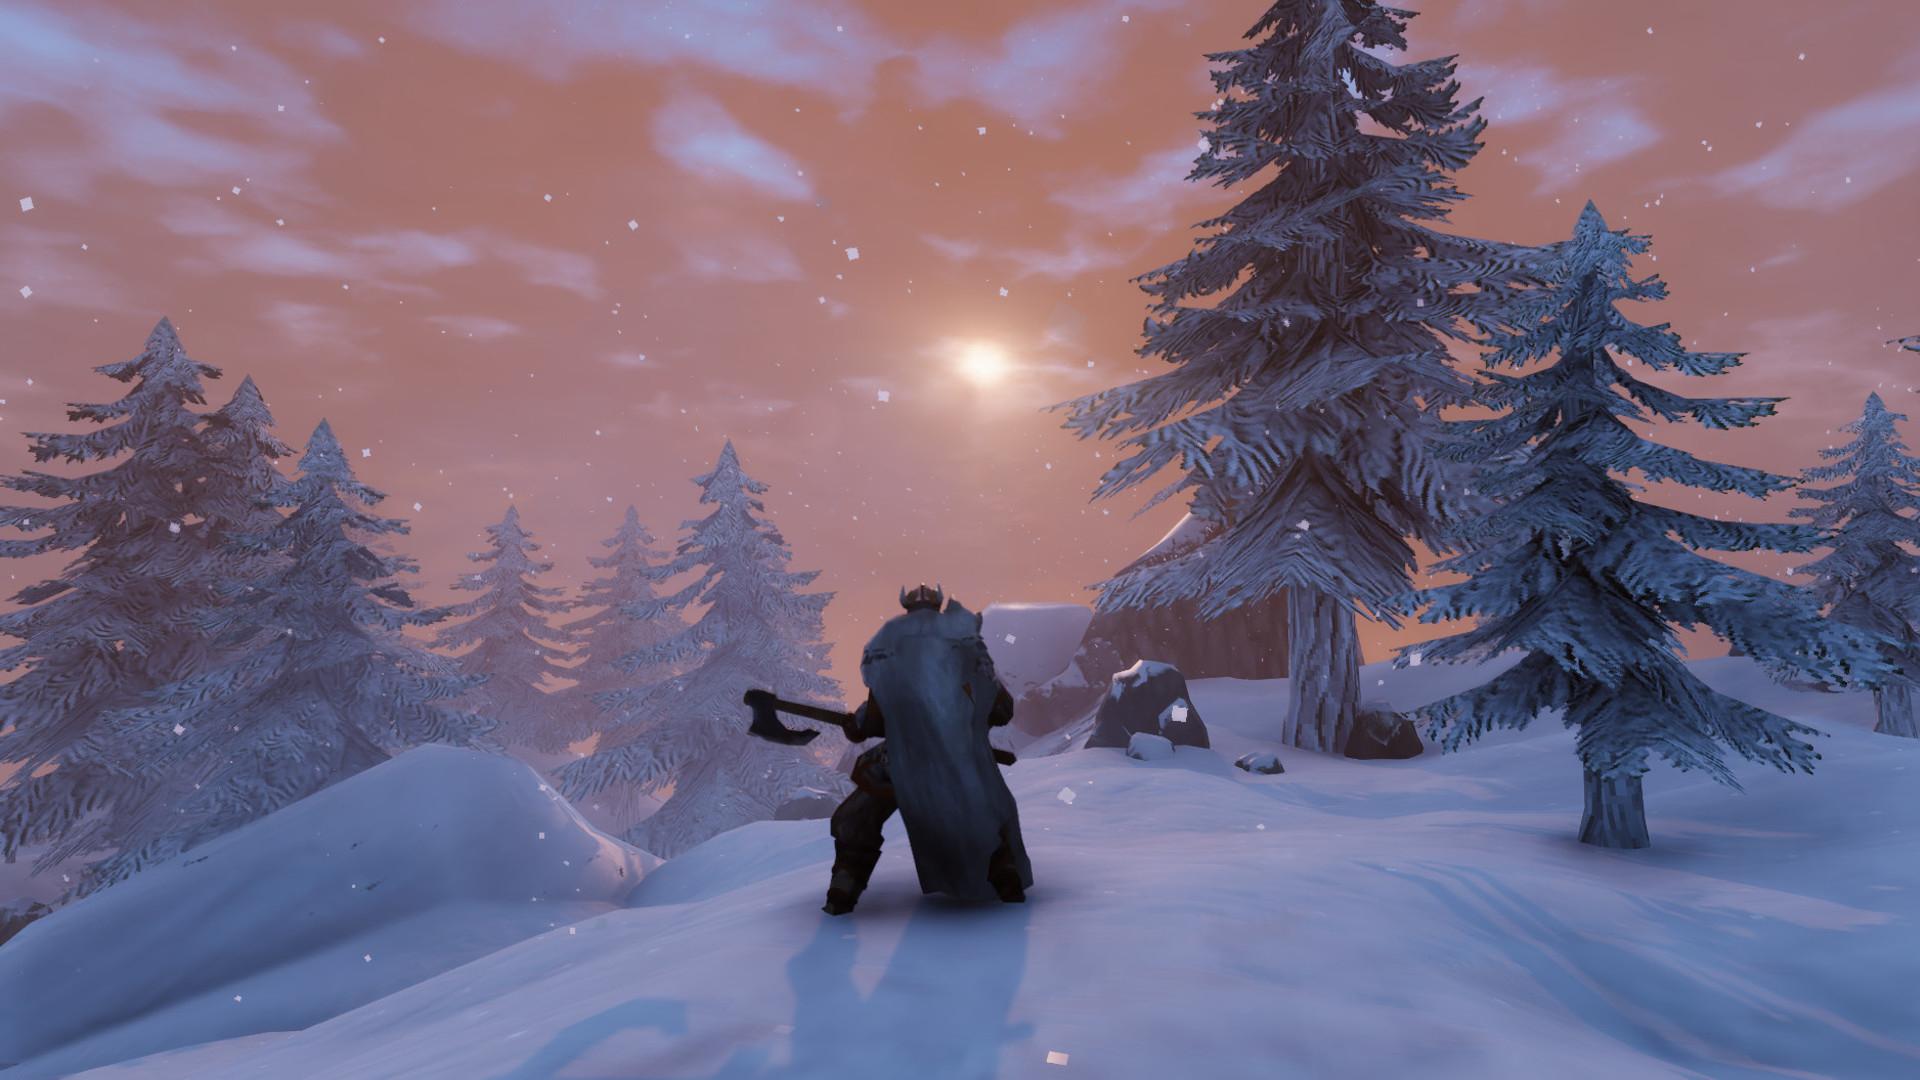 Еженедельный чарт Steam: Valheim лидирует третью неделю подряд, Persona 5 Strikers стартовала в десятке